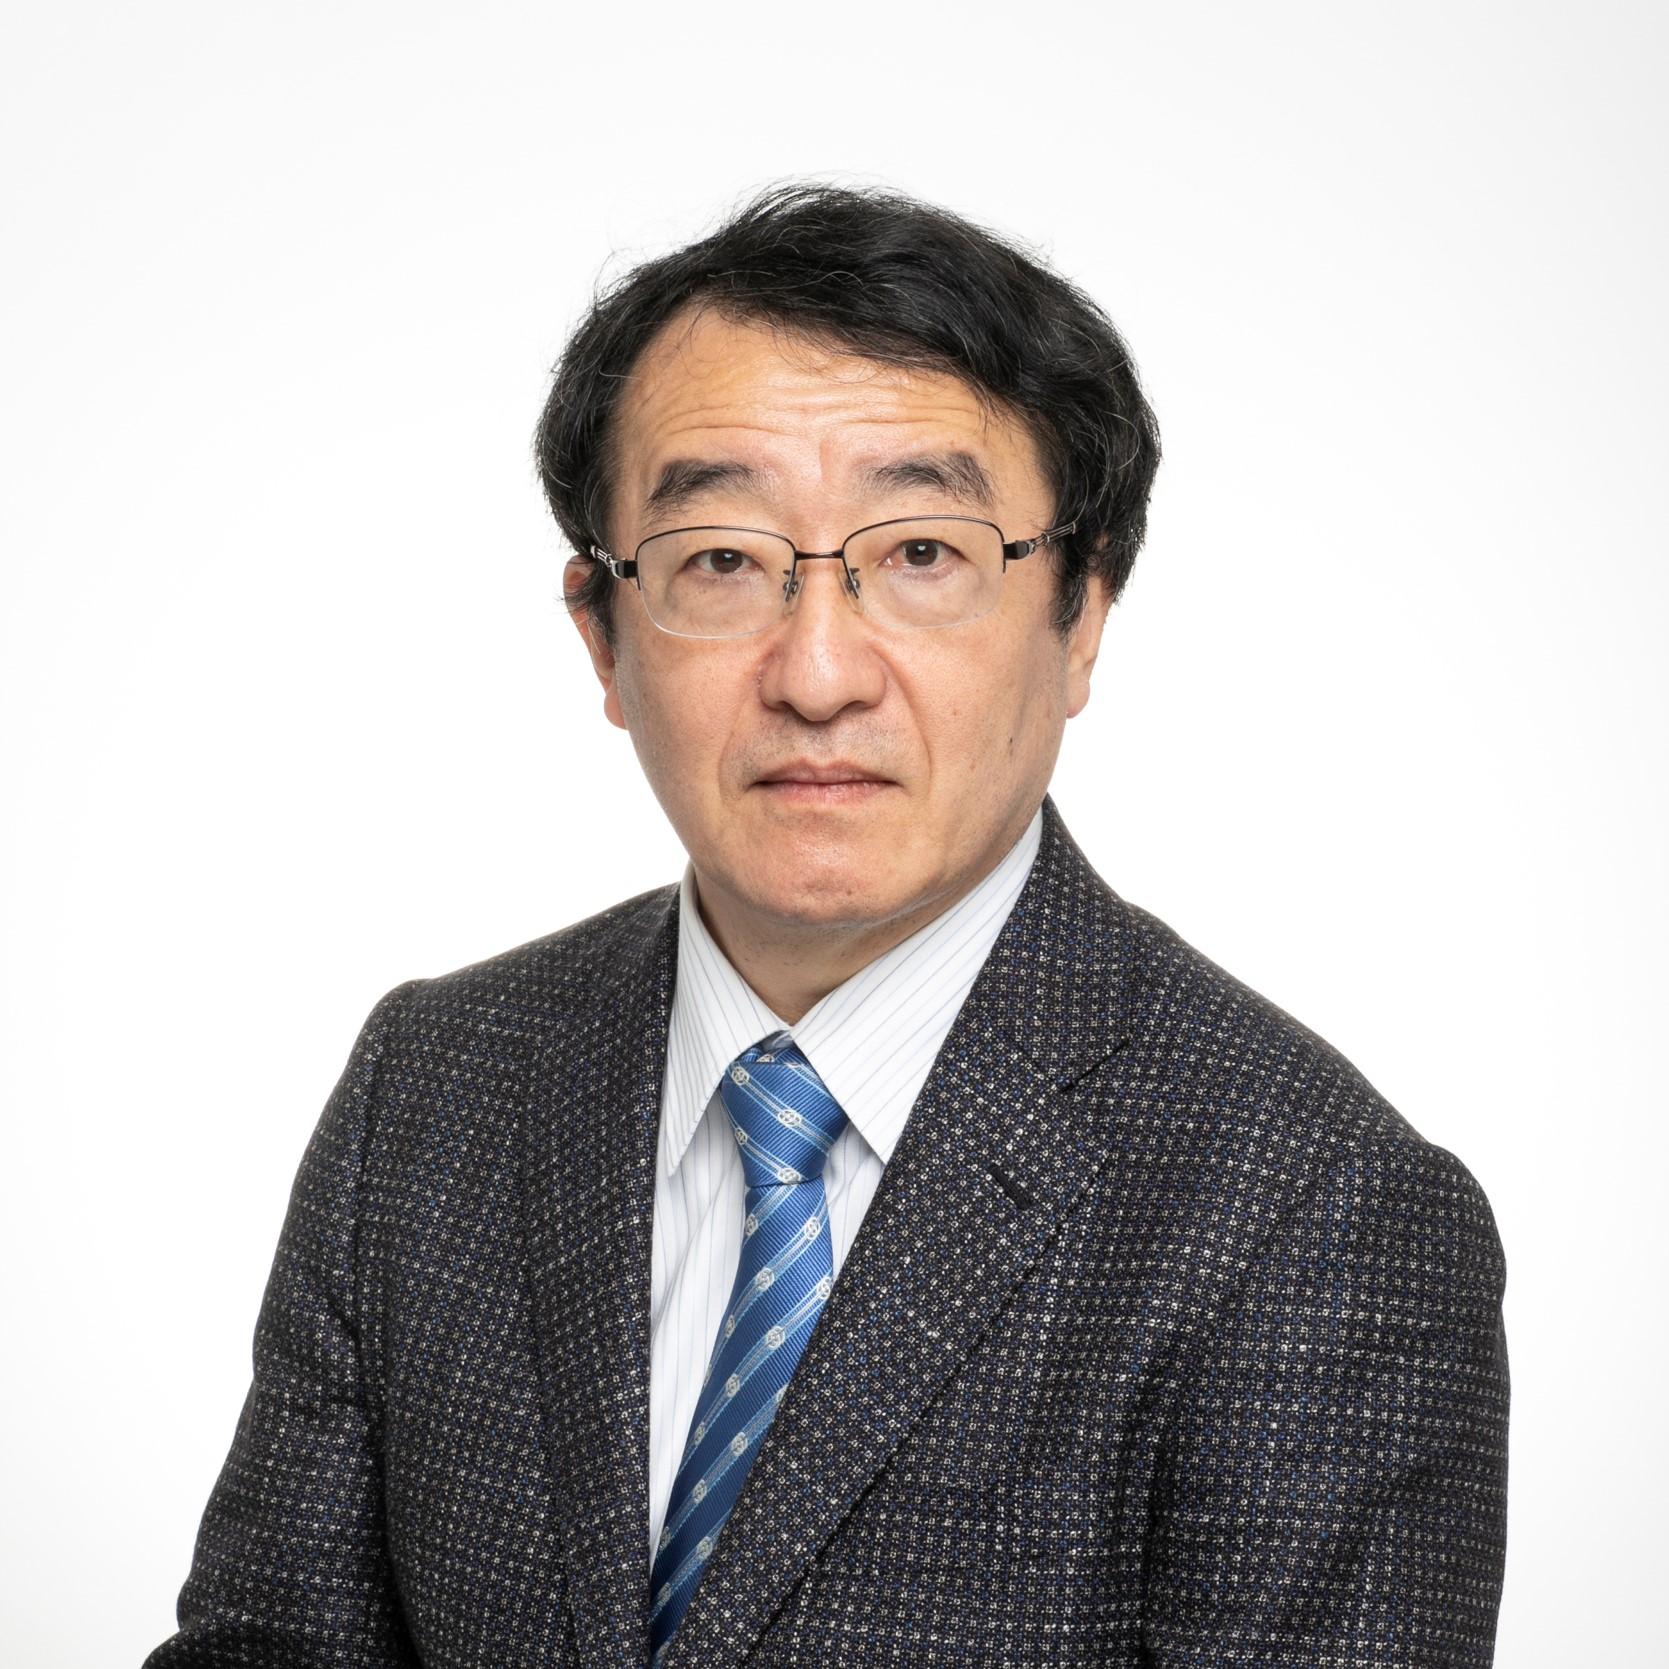 Yasuyuki Shibata